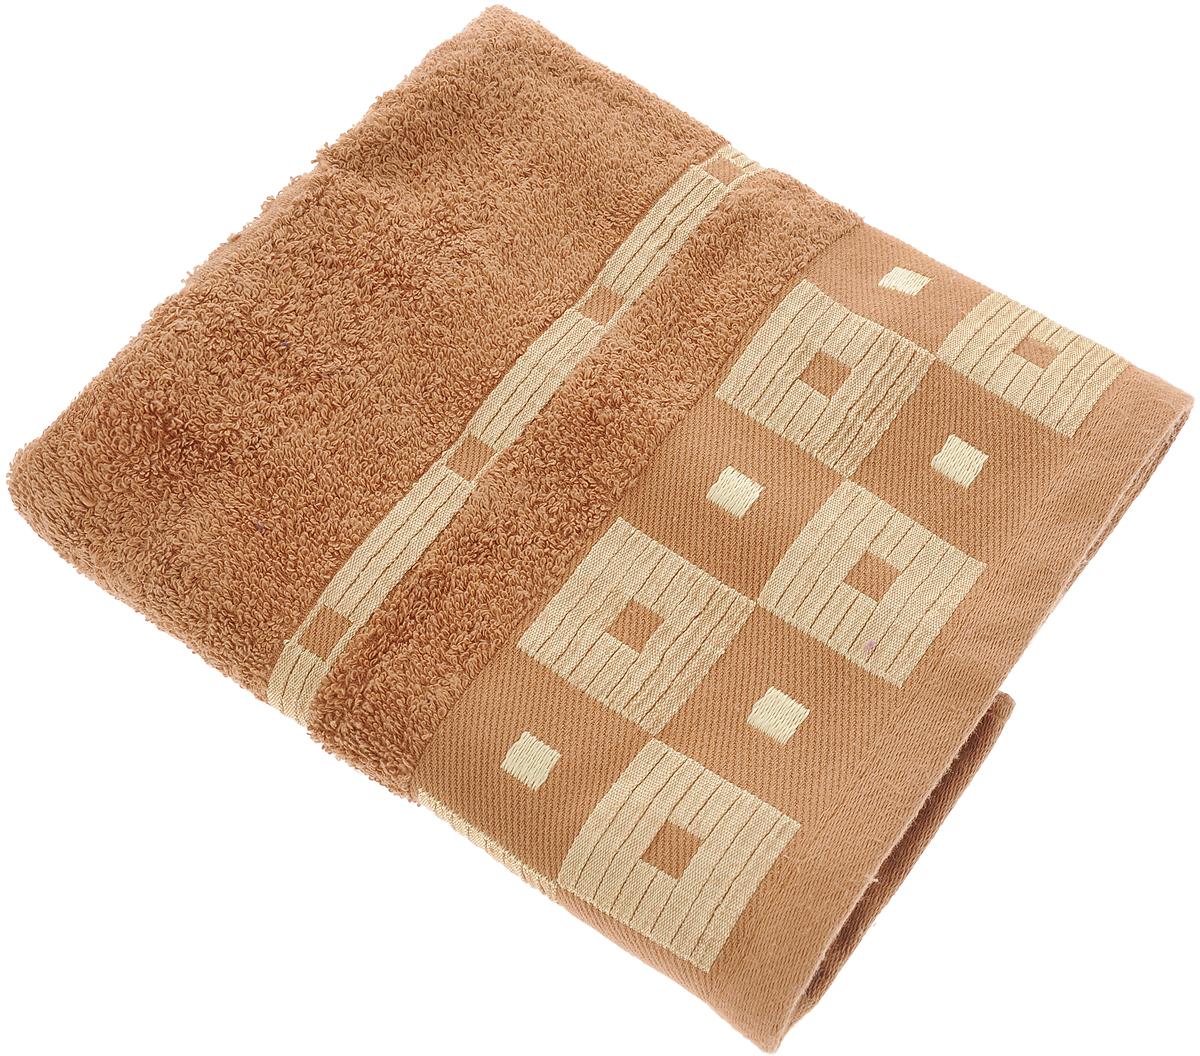 Полотенце Aisha Home Textile, цвет: коричневый, 50 х 90 смУзТ-ПМ-112-09-20кМахровые полотенца AISHA Home Textile идеальное сочетание цены и качества. Полотенца упакованы в стильную подарочную коробку. В состав входит только натуральное волокно - хлопок. Лаконичные бордюры подойдут для любого интерьера ванной комнаты. Полотенца прекрасно впитывает влагу и быстро сохнут. При соблюдении рекомендаций по уходу не линяют и не теряют форму даже после многократных стирок. Состав: 100% хлопок.